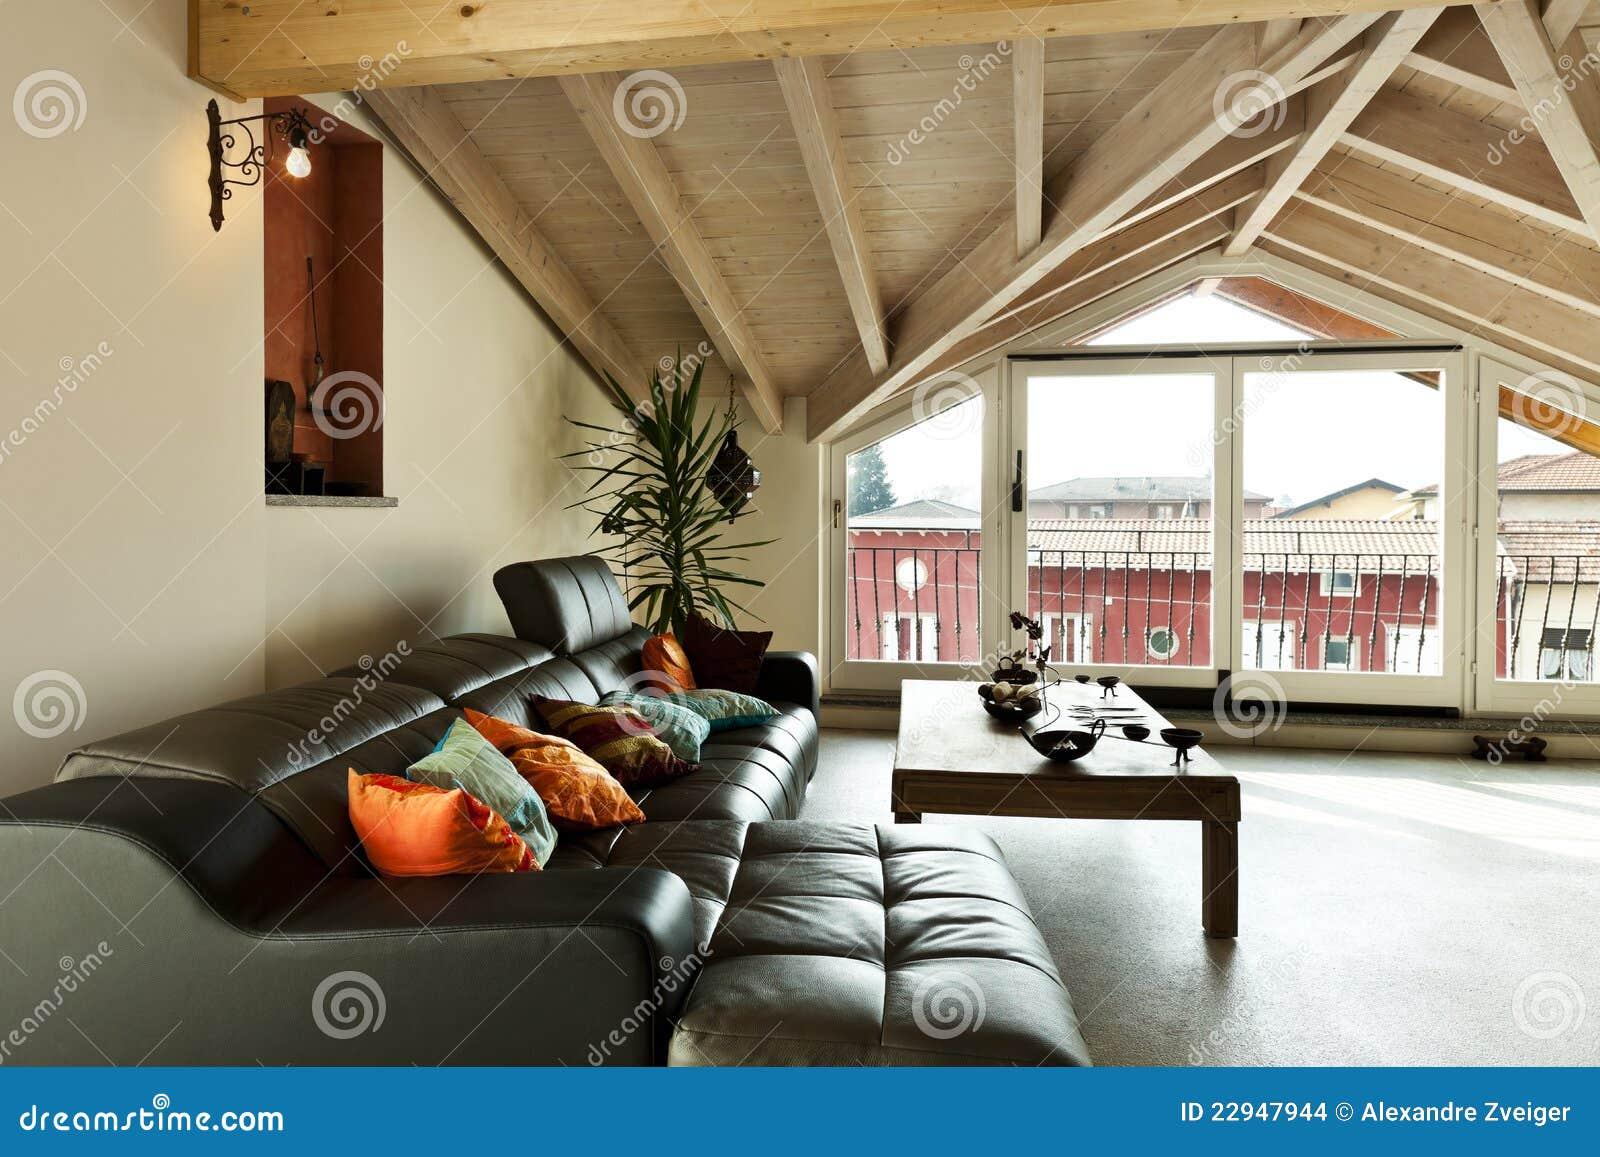 meubles ethniques salle de s jour images stock image 22947944. Black Bedroom Furniture Sets. Home Design Ideas